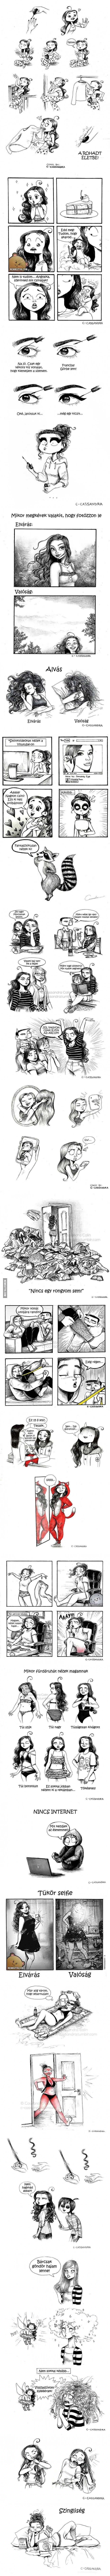 Csajok mindennapi problémáia jópofa illusztrációkkal ábrázolva